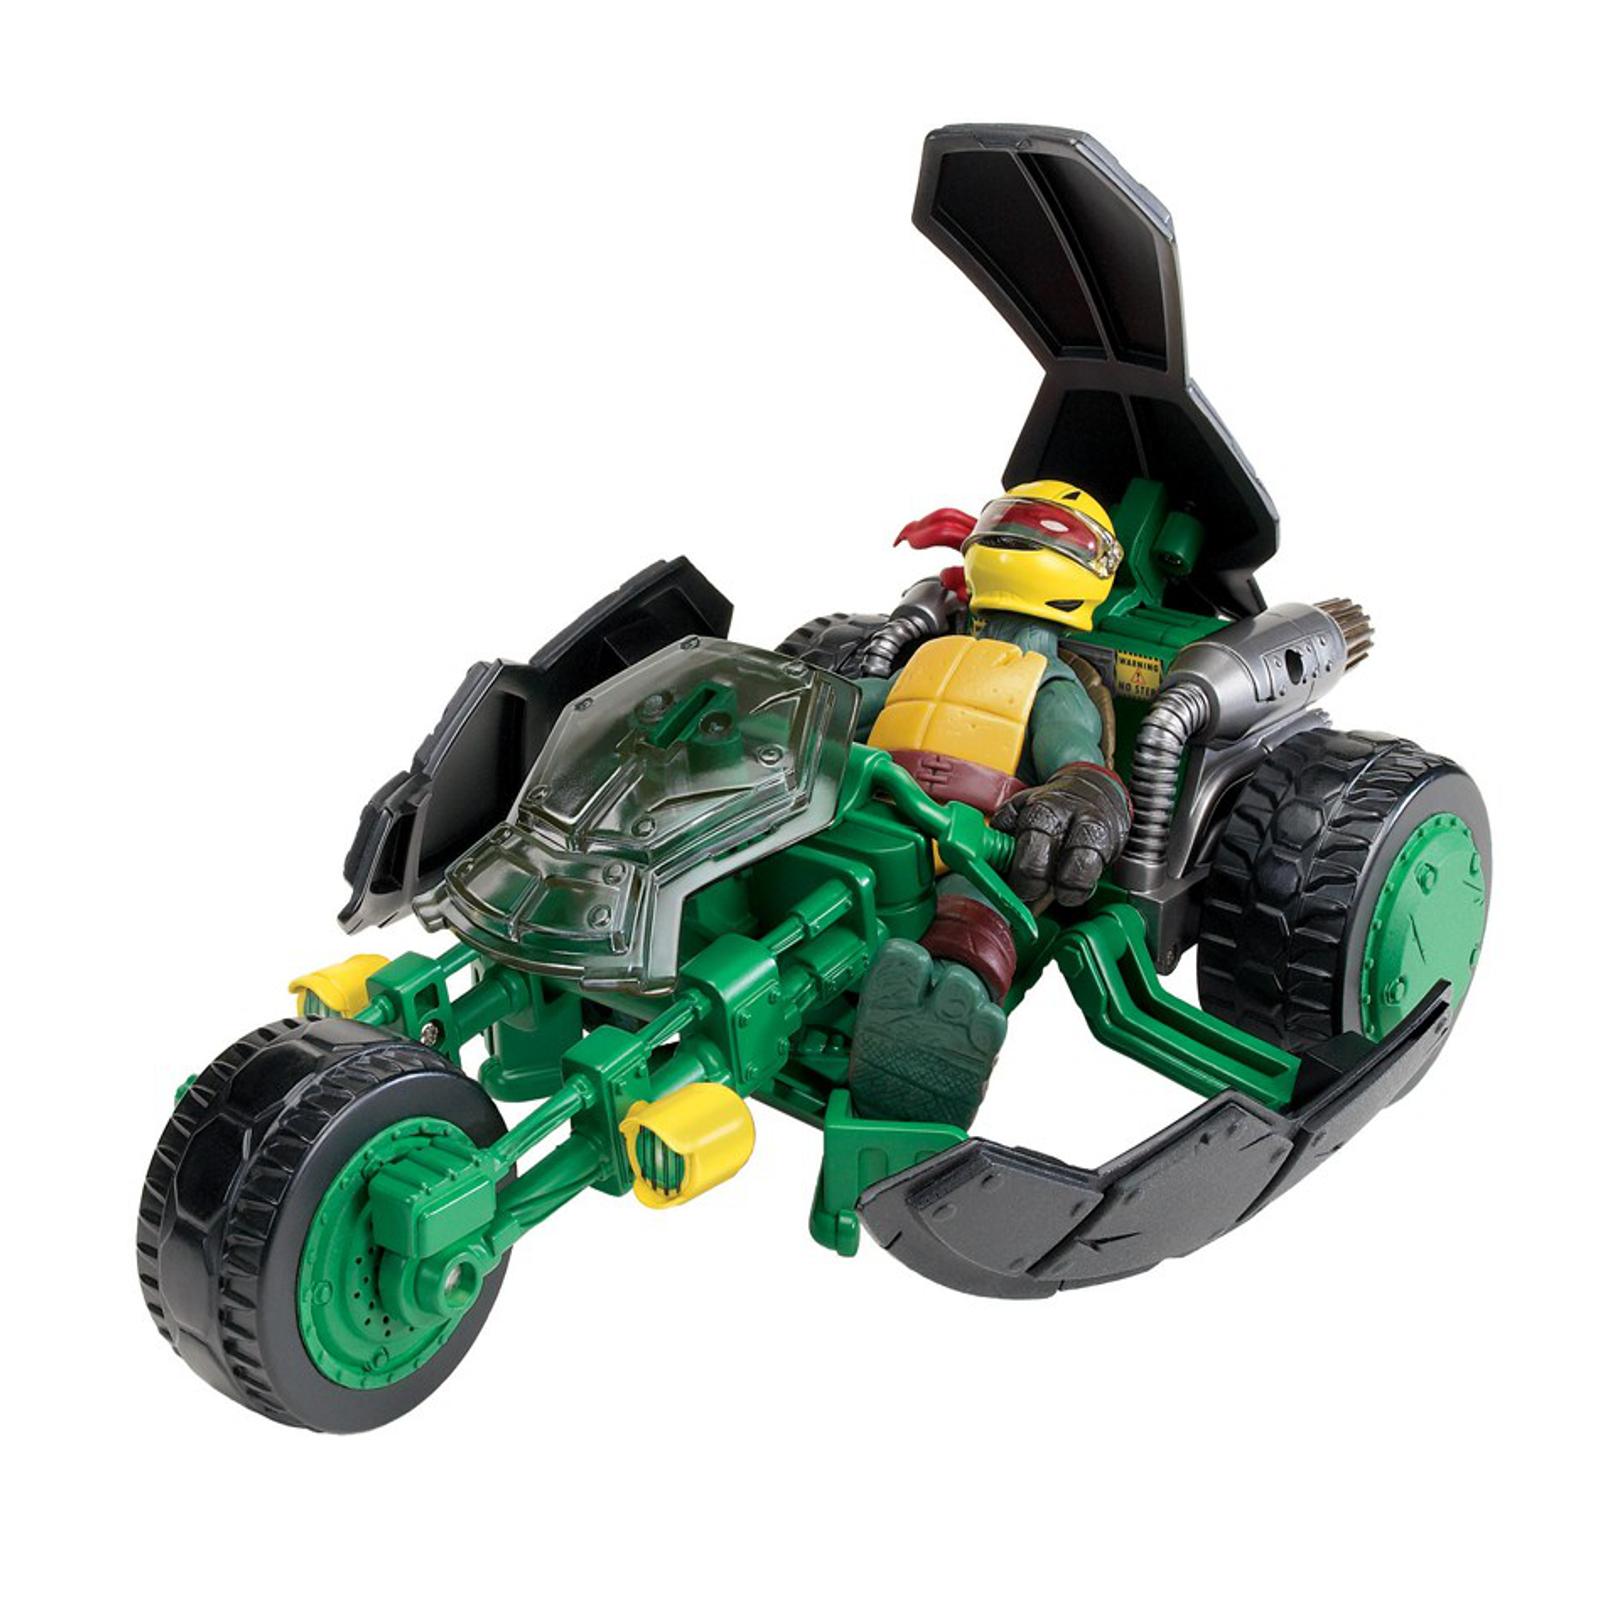 Игровой набор Playmates Черепашки Ниндзя Трицикл с фигуркой<br>